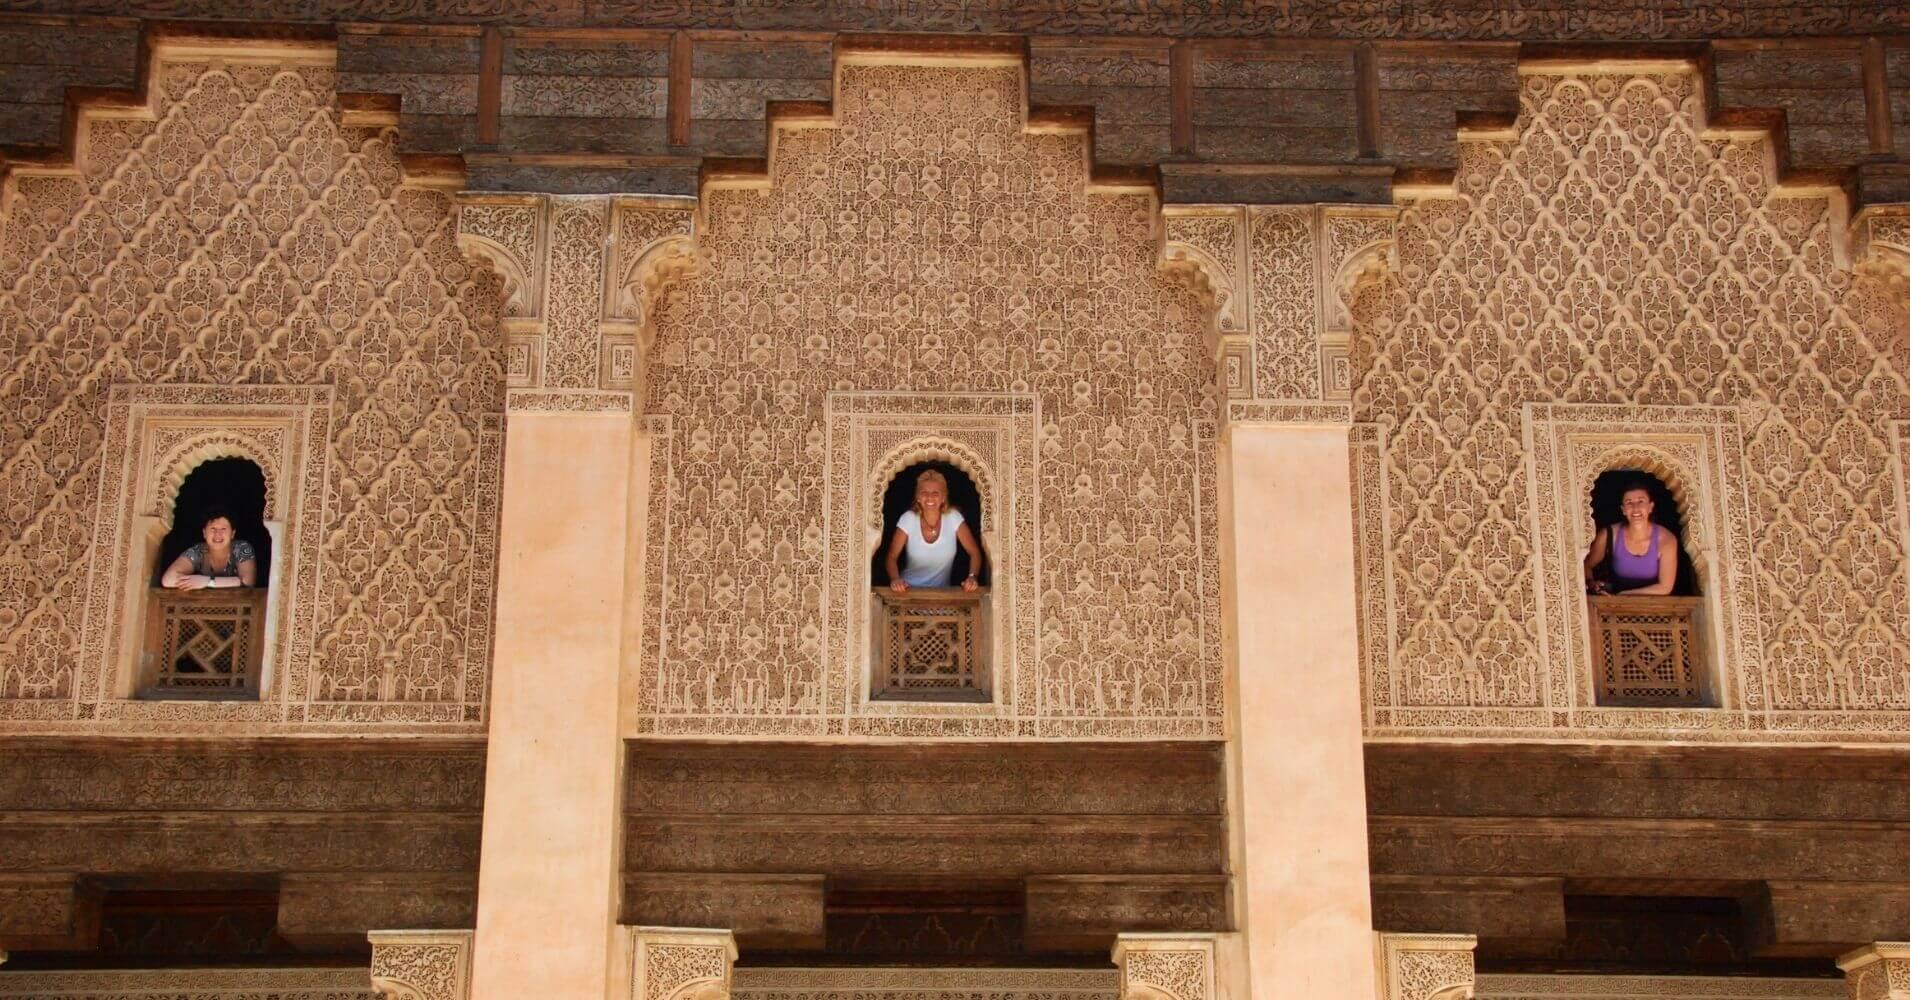 Escuela Coránica en Marrakech, Marruecos.